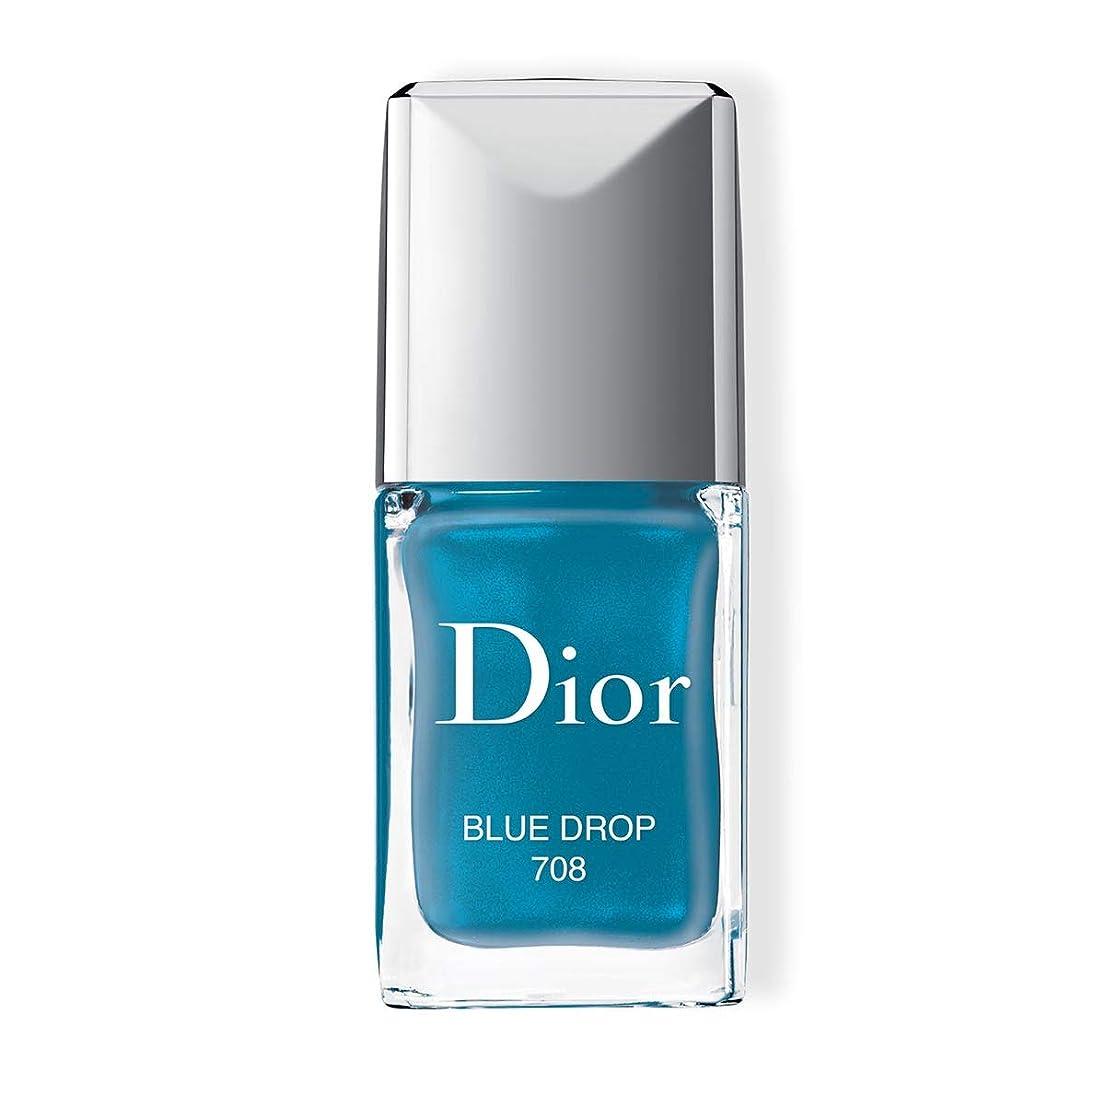 見えないビヨン先例Dior(ディオール) ディオール ヴェルニ (708 ブルー ドロップ)